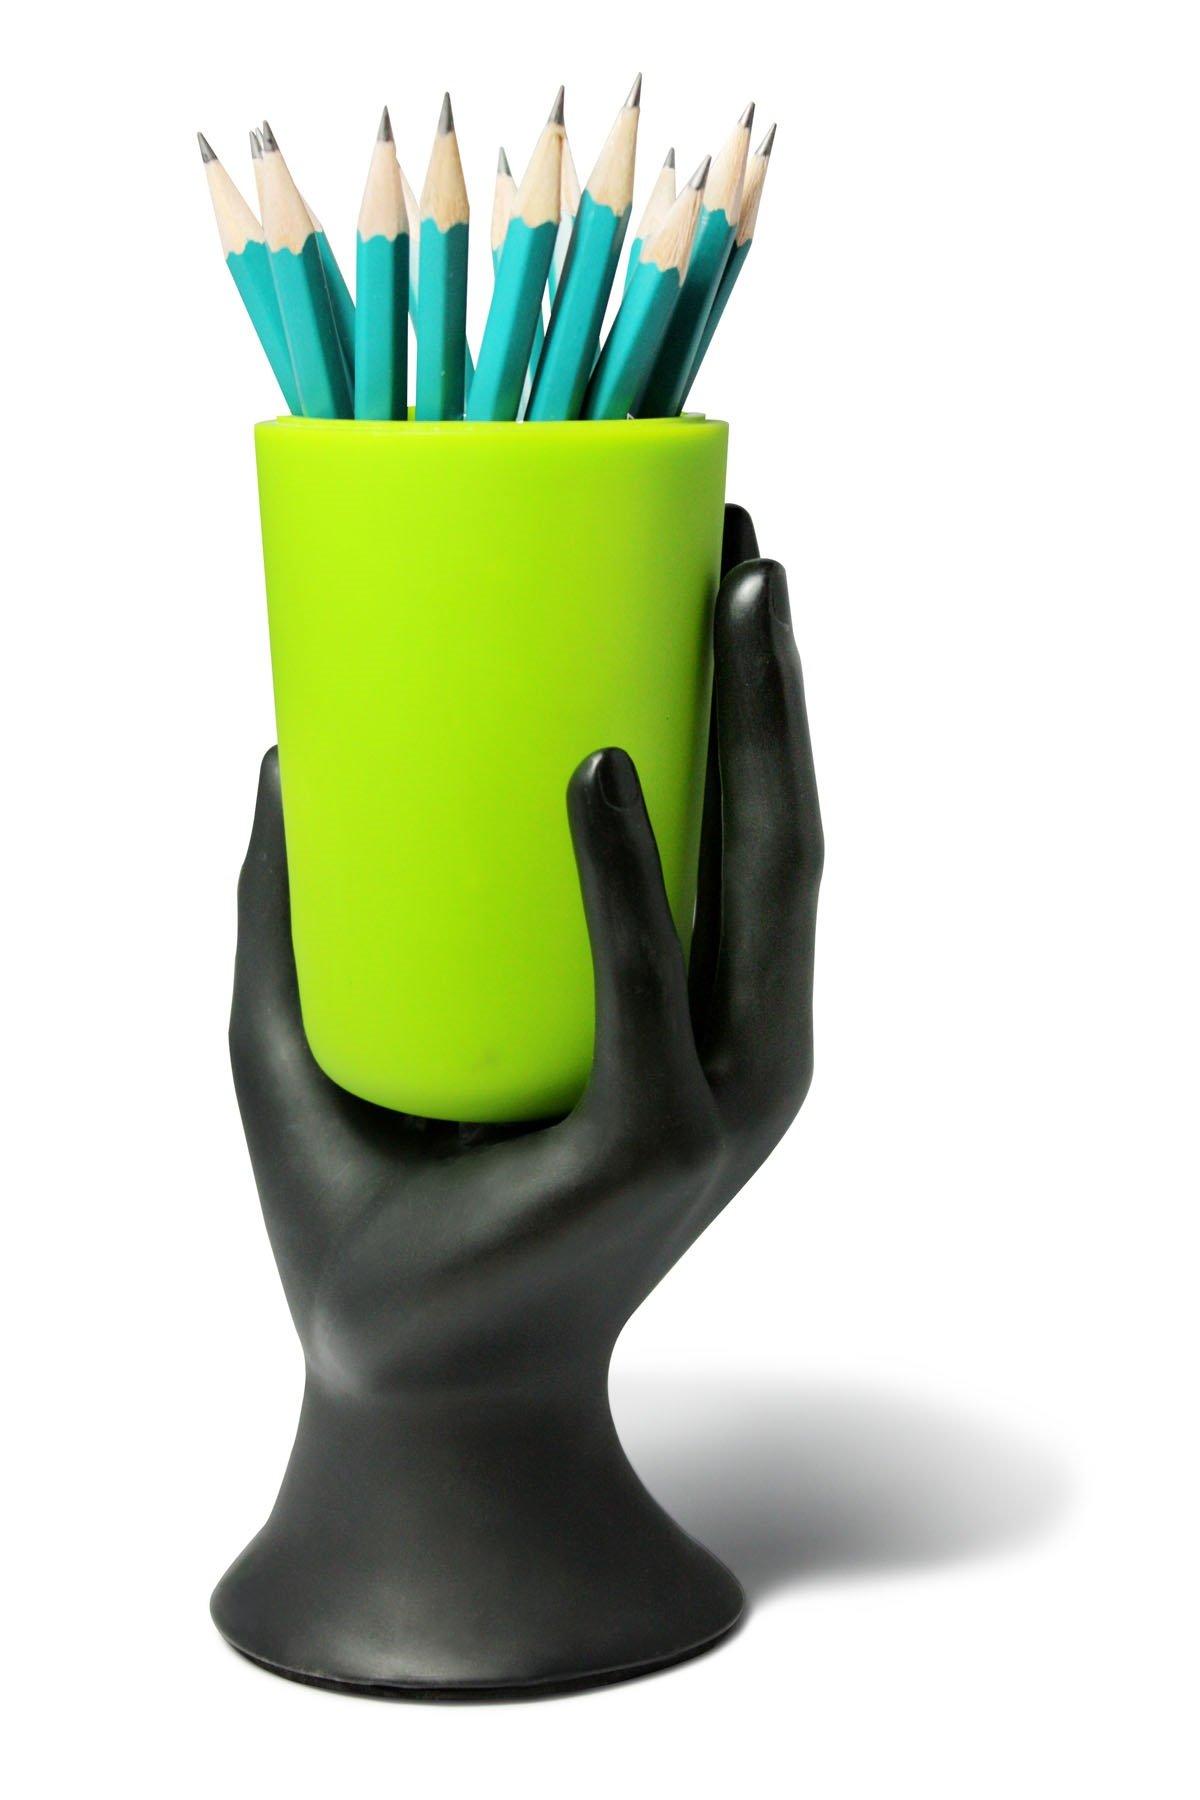 ARAD Hand Cup Pen/Pencil Holder (Black/Green)